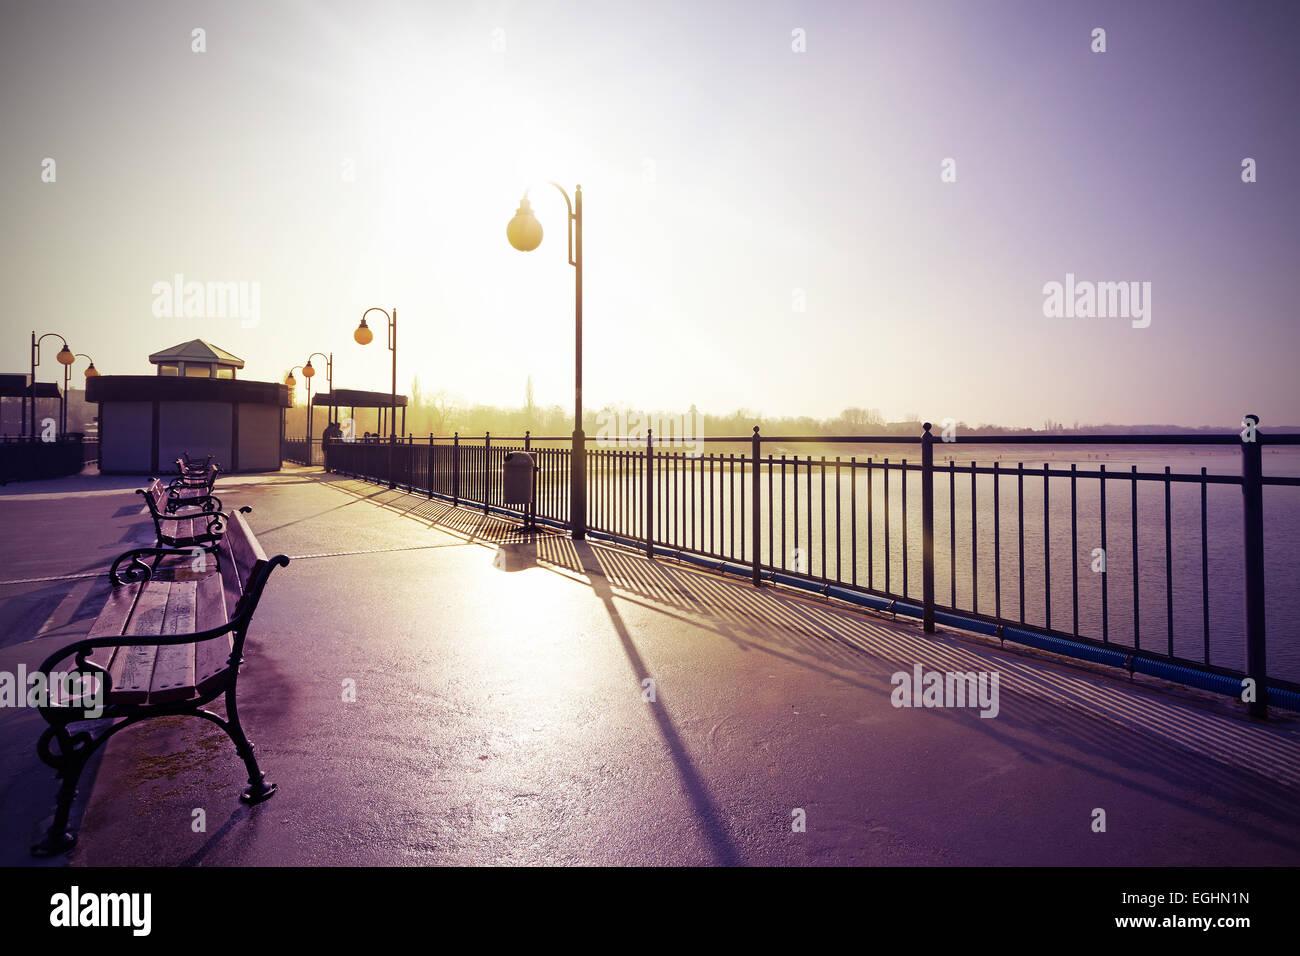 Retro Vintage gefilterte nostalgisches Bild Promenade gegen Sonne. Stockbild